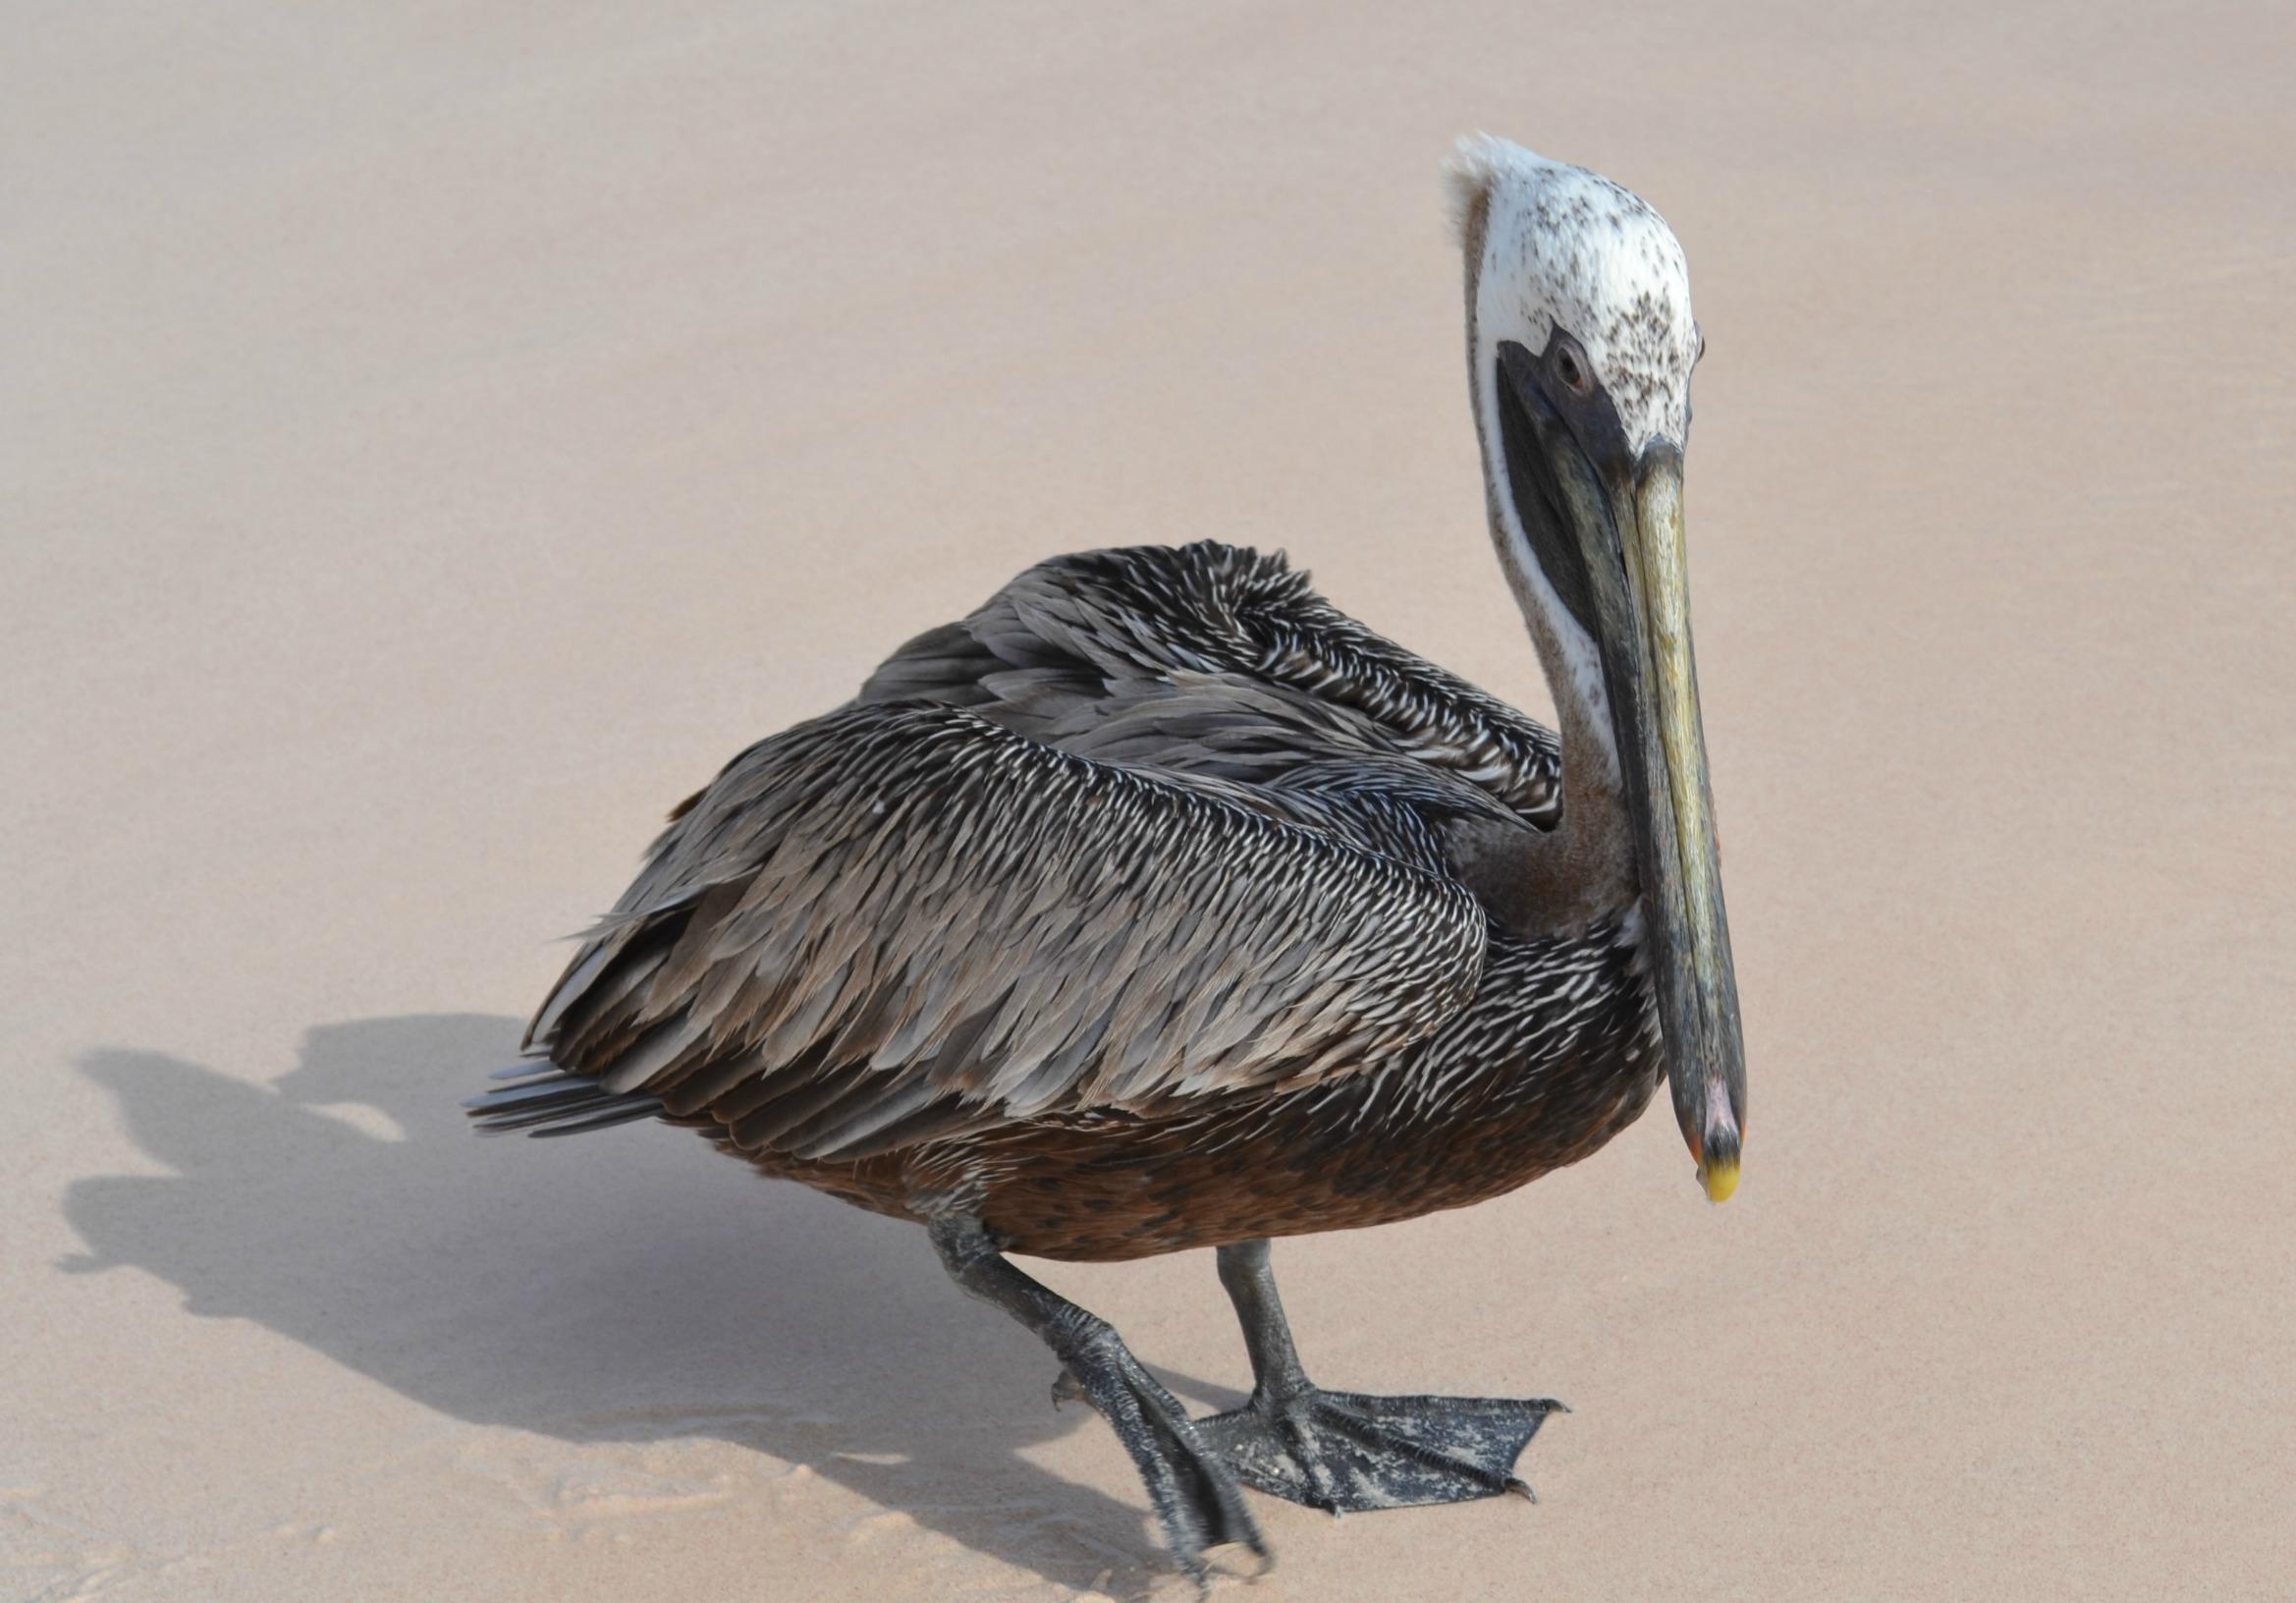 Brown Pelican, Dominican